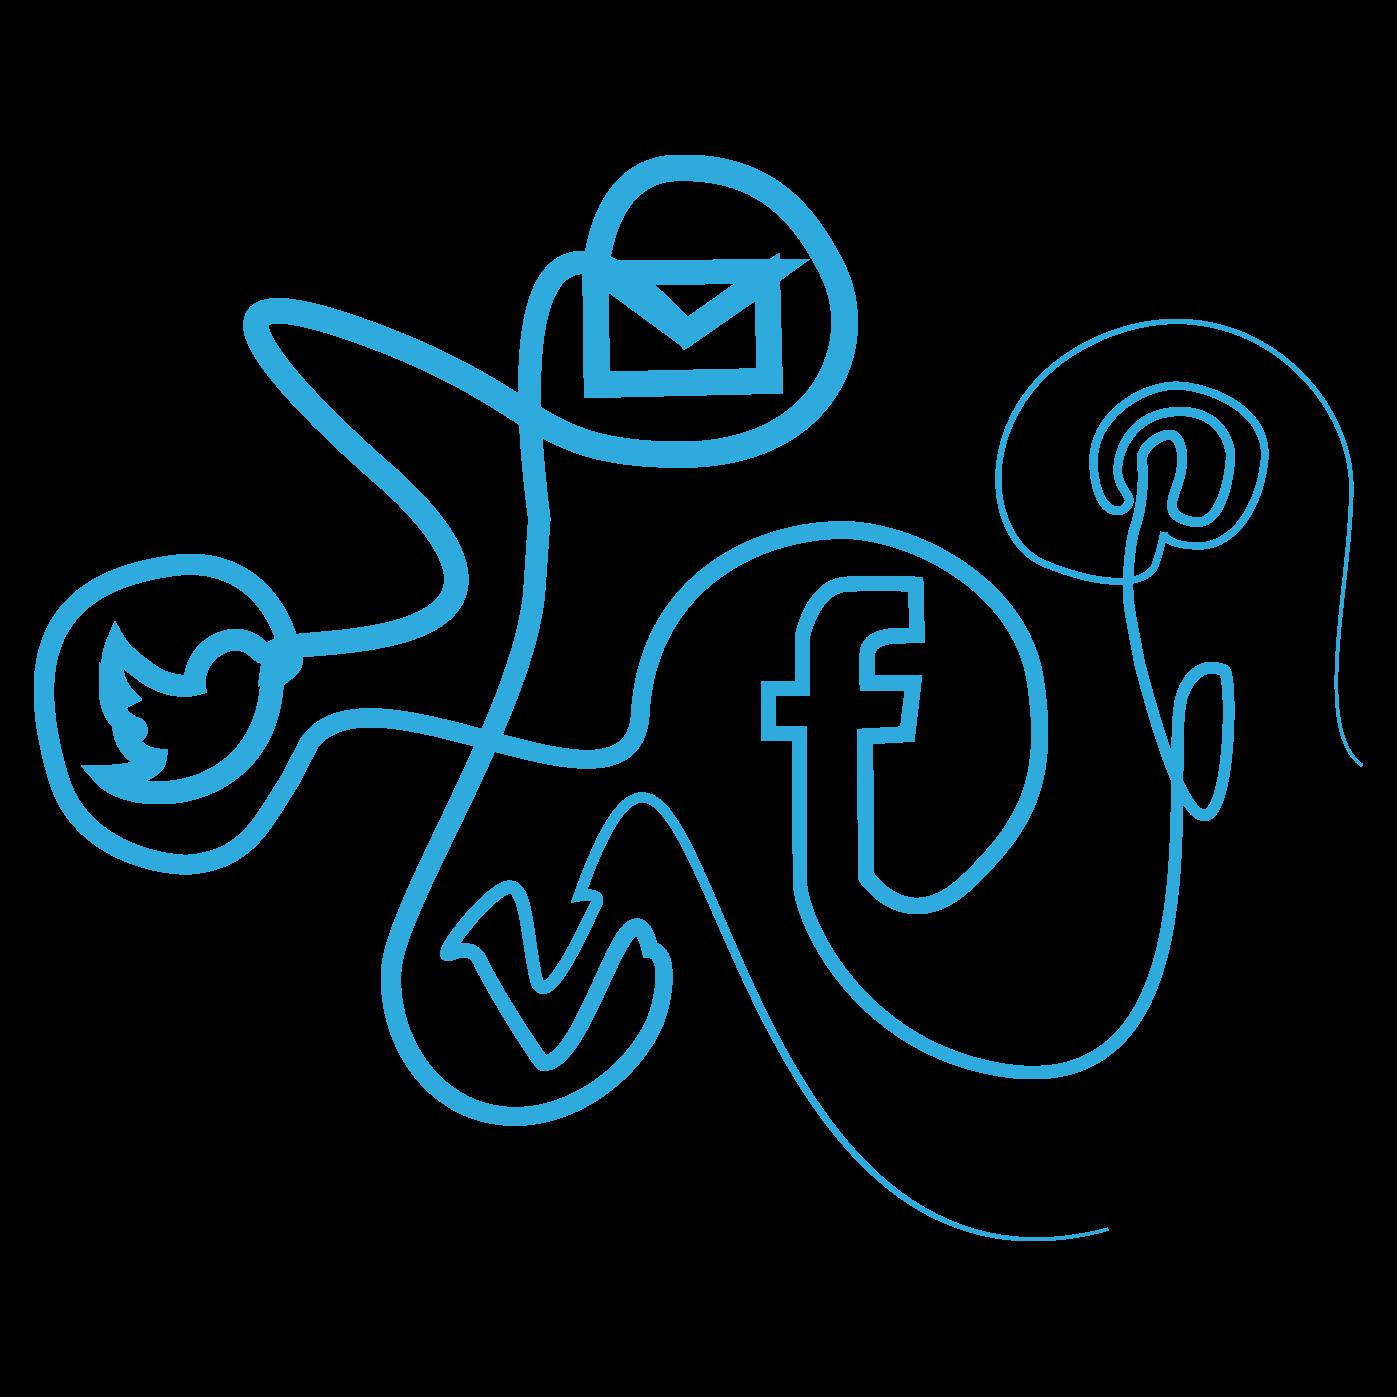 réseaux sociaux et marque formation